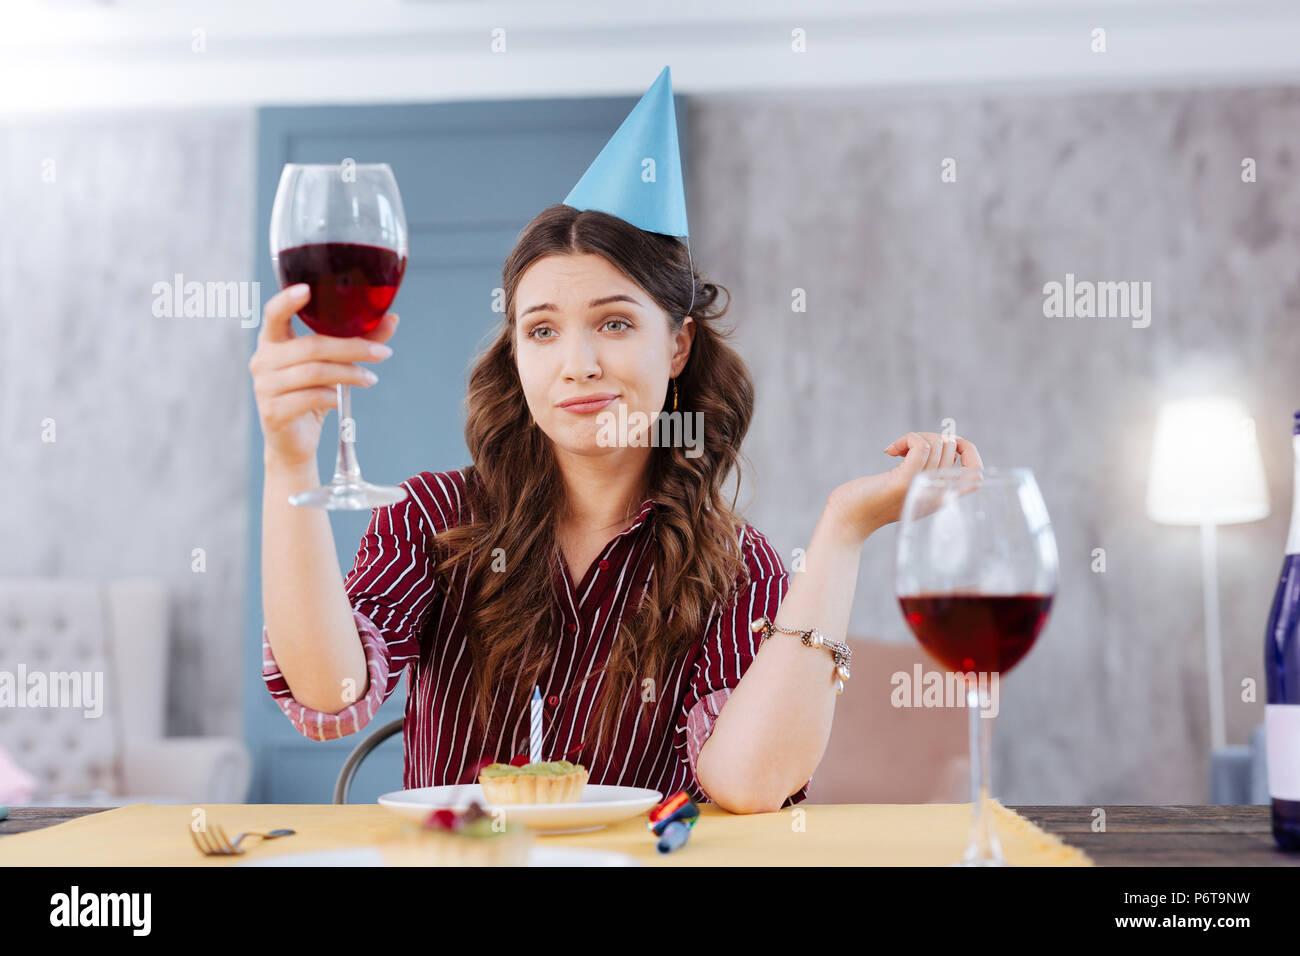 Mujer haciendo cara divertida mientras asistía a la fiesta de cumpleaños Imagen De Stock